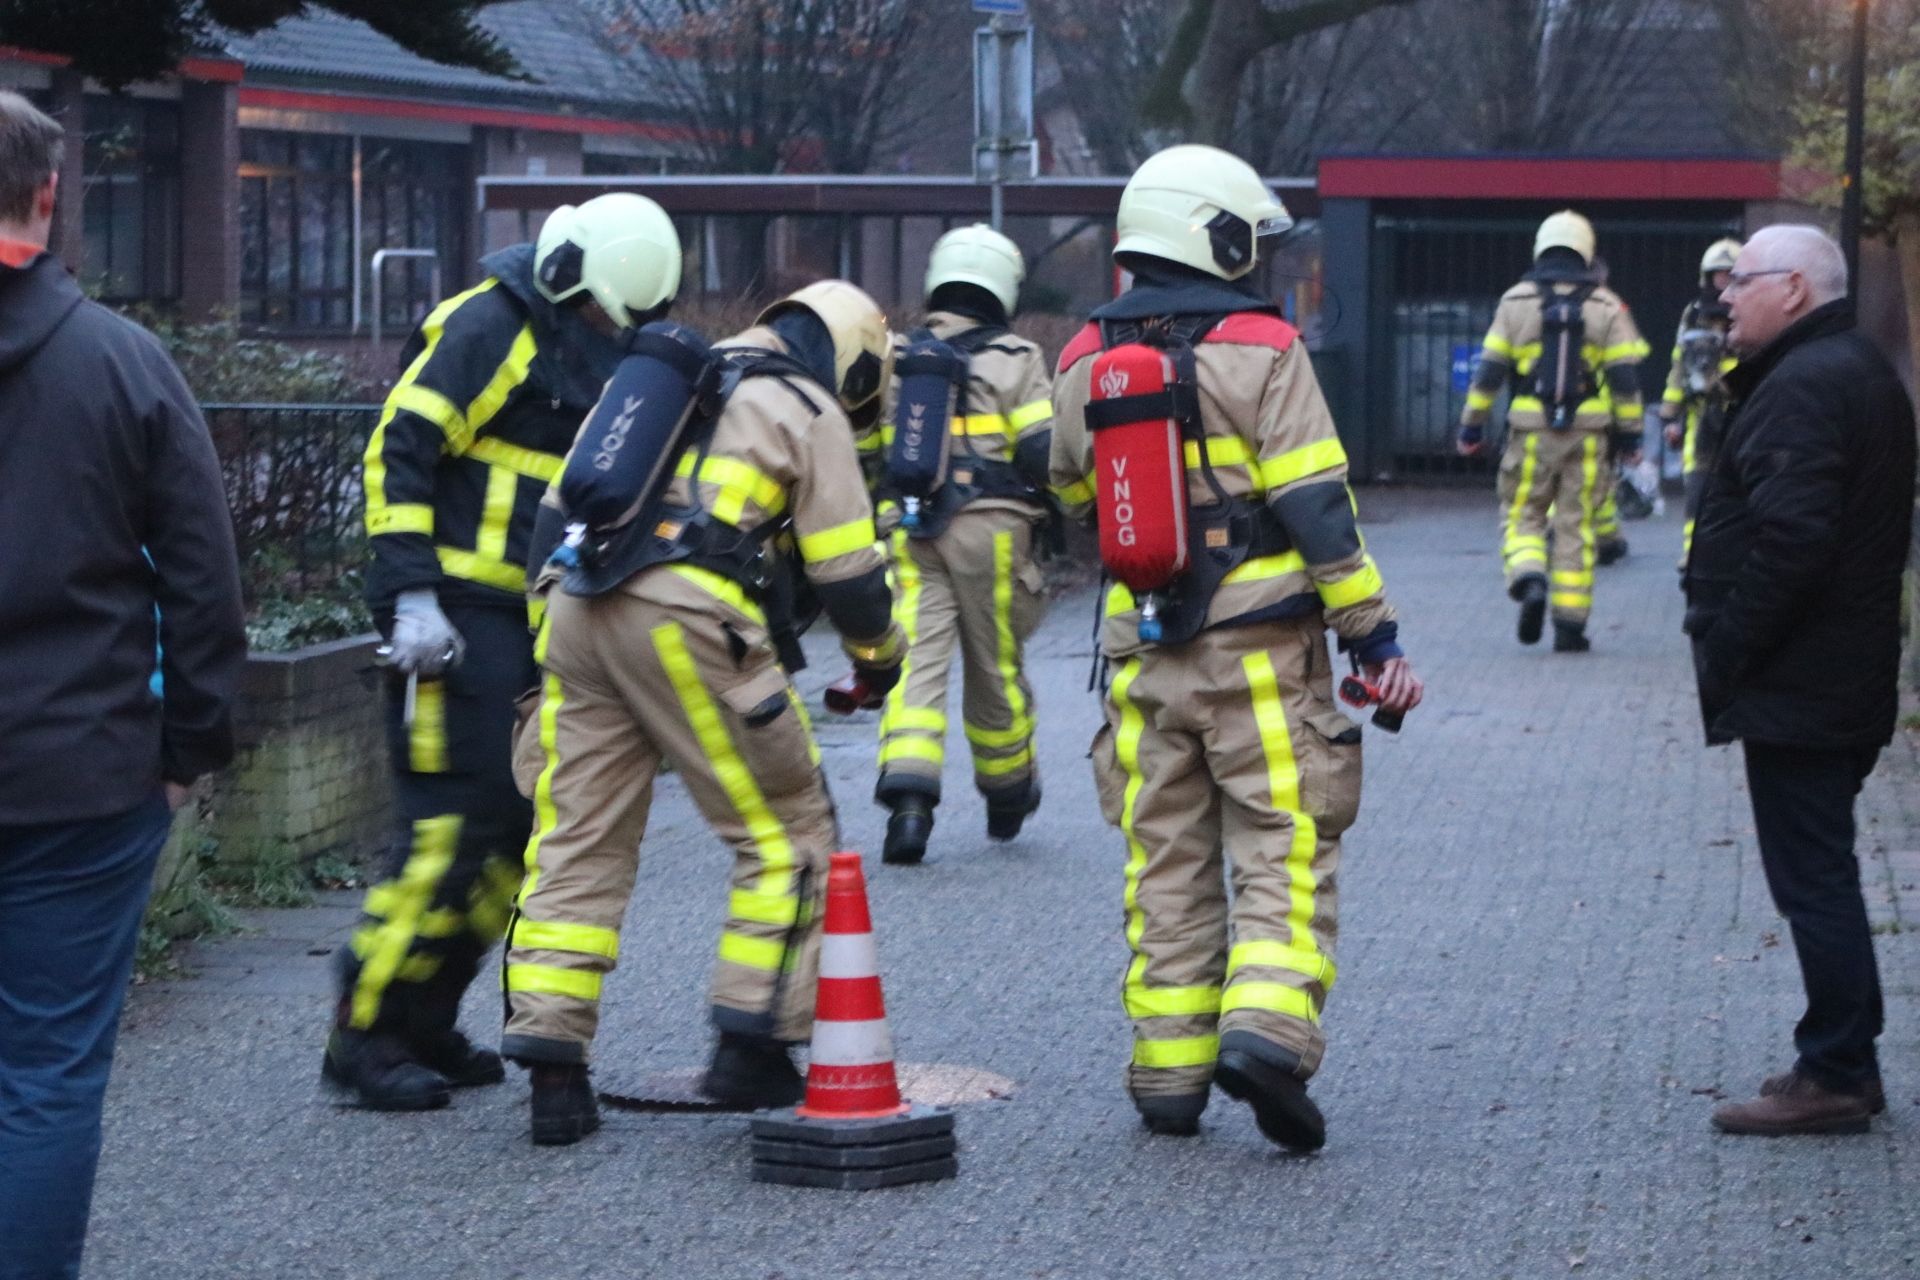 Terpentine lucht in riool zorgt voor inzet brandweer